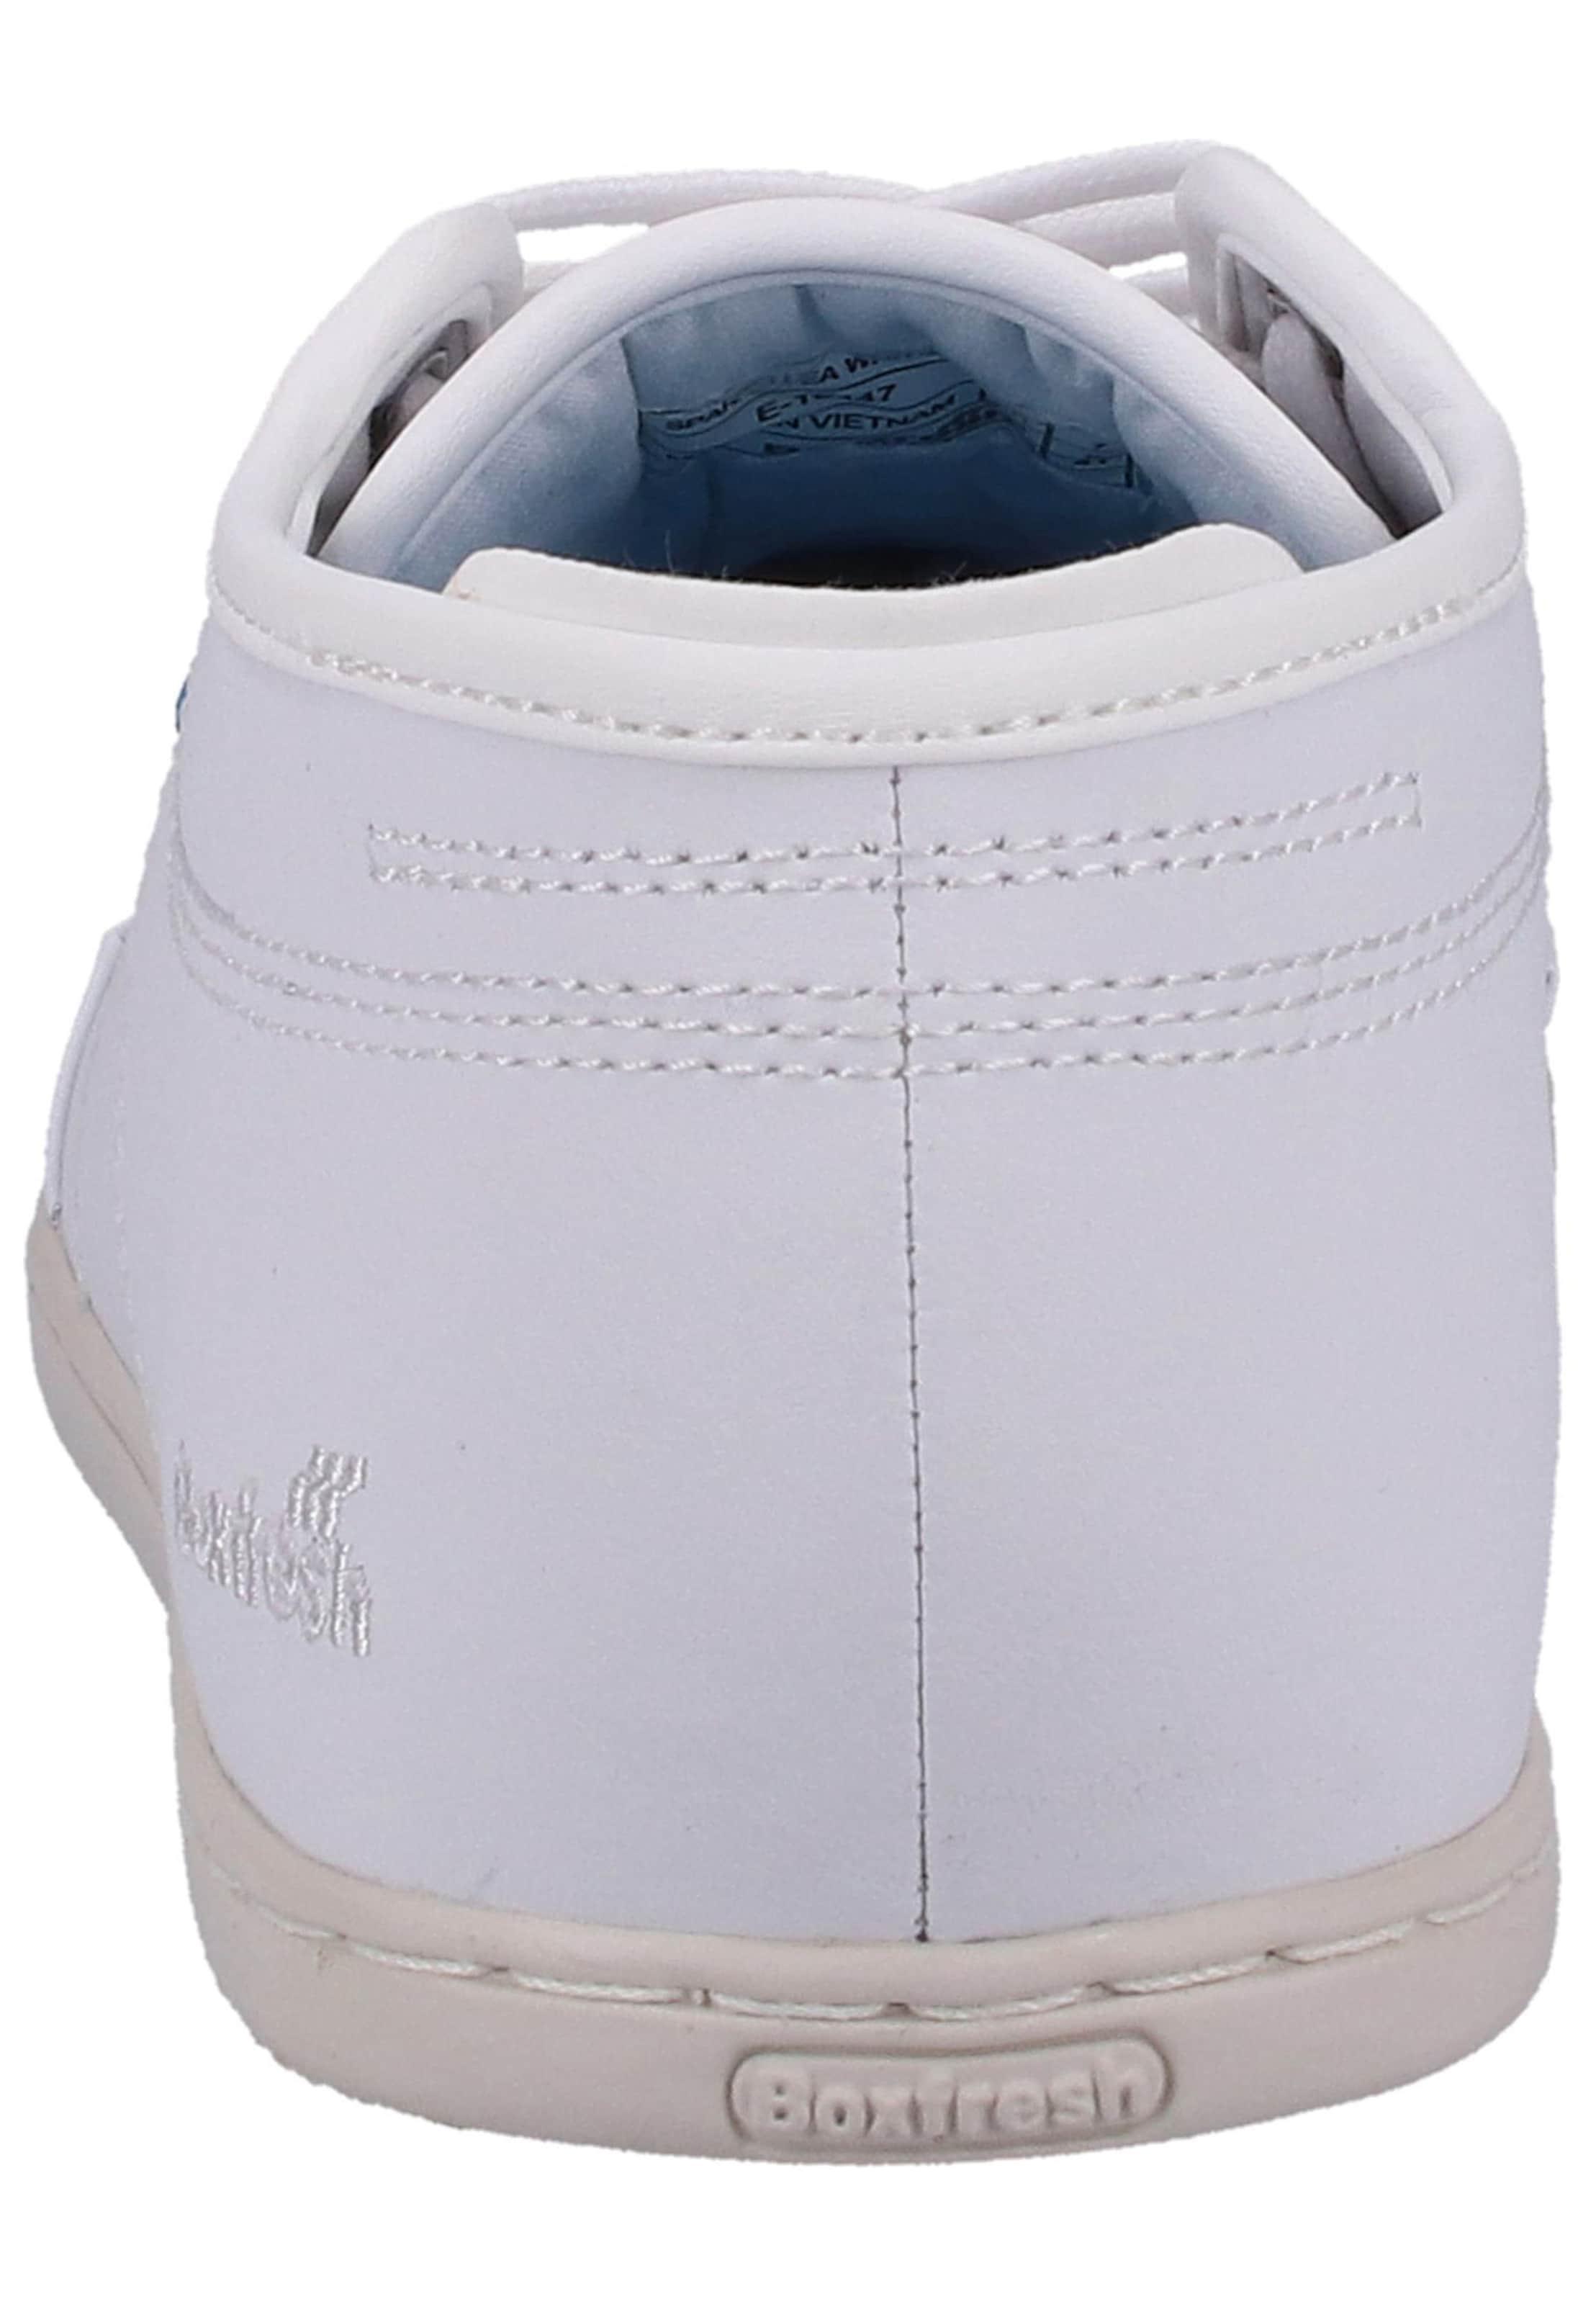 In Boxfresh Boxfresh Weiß 'sparko' 'sparko' Weiß Sneaker Sneaker In Boxfresh Sneaker 'sparko' In qLMUVjSzGp